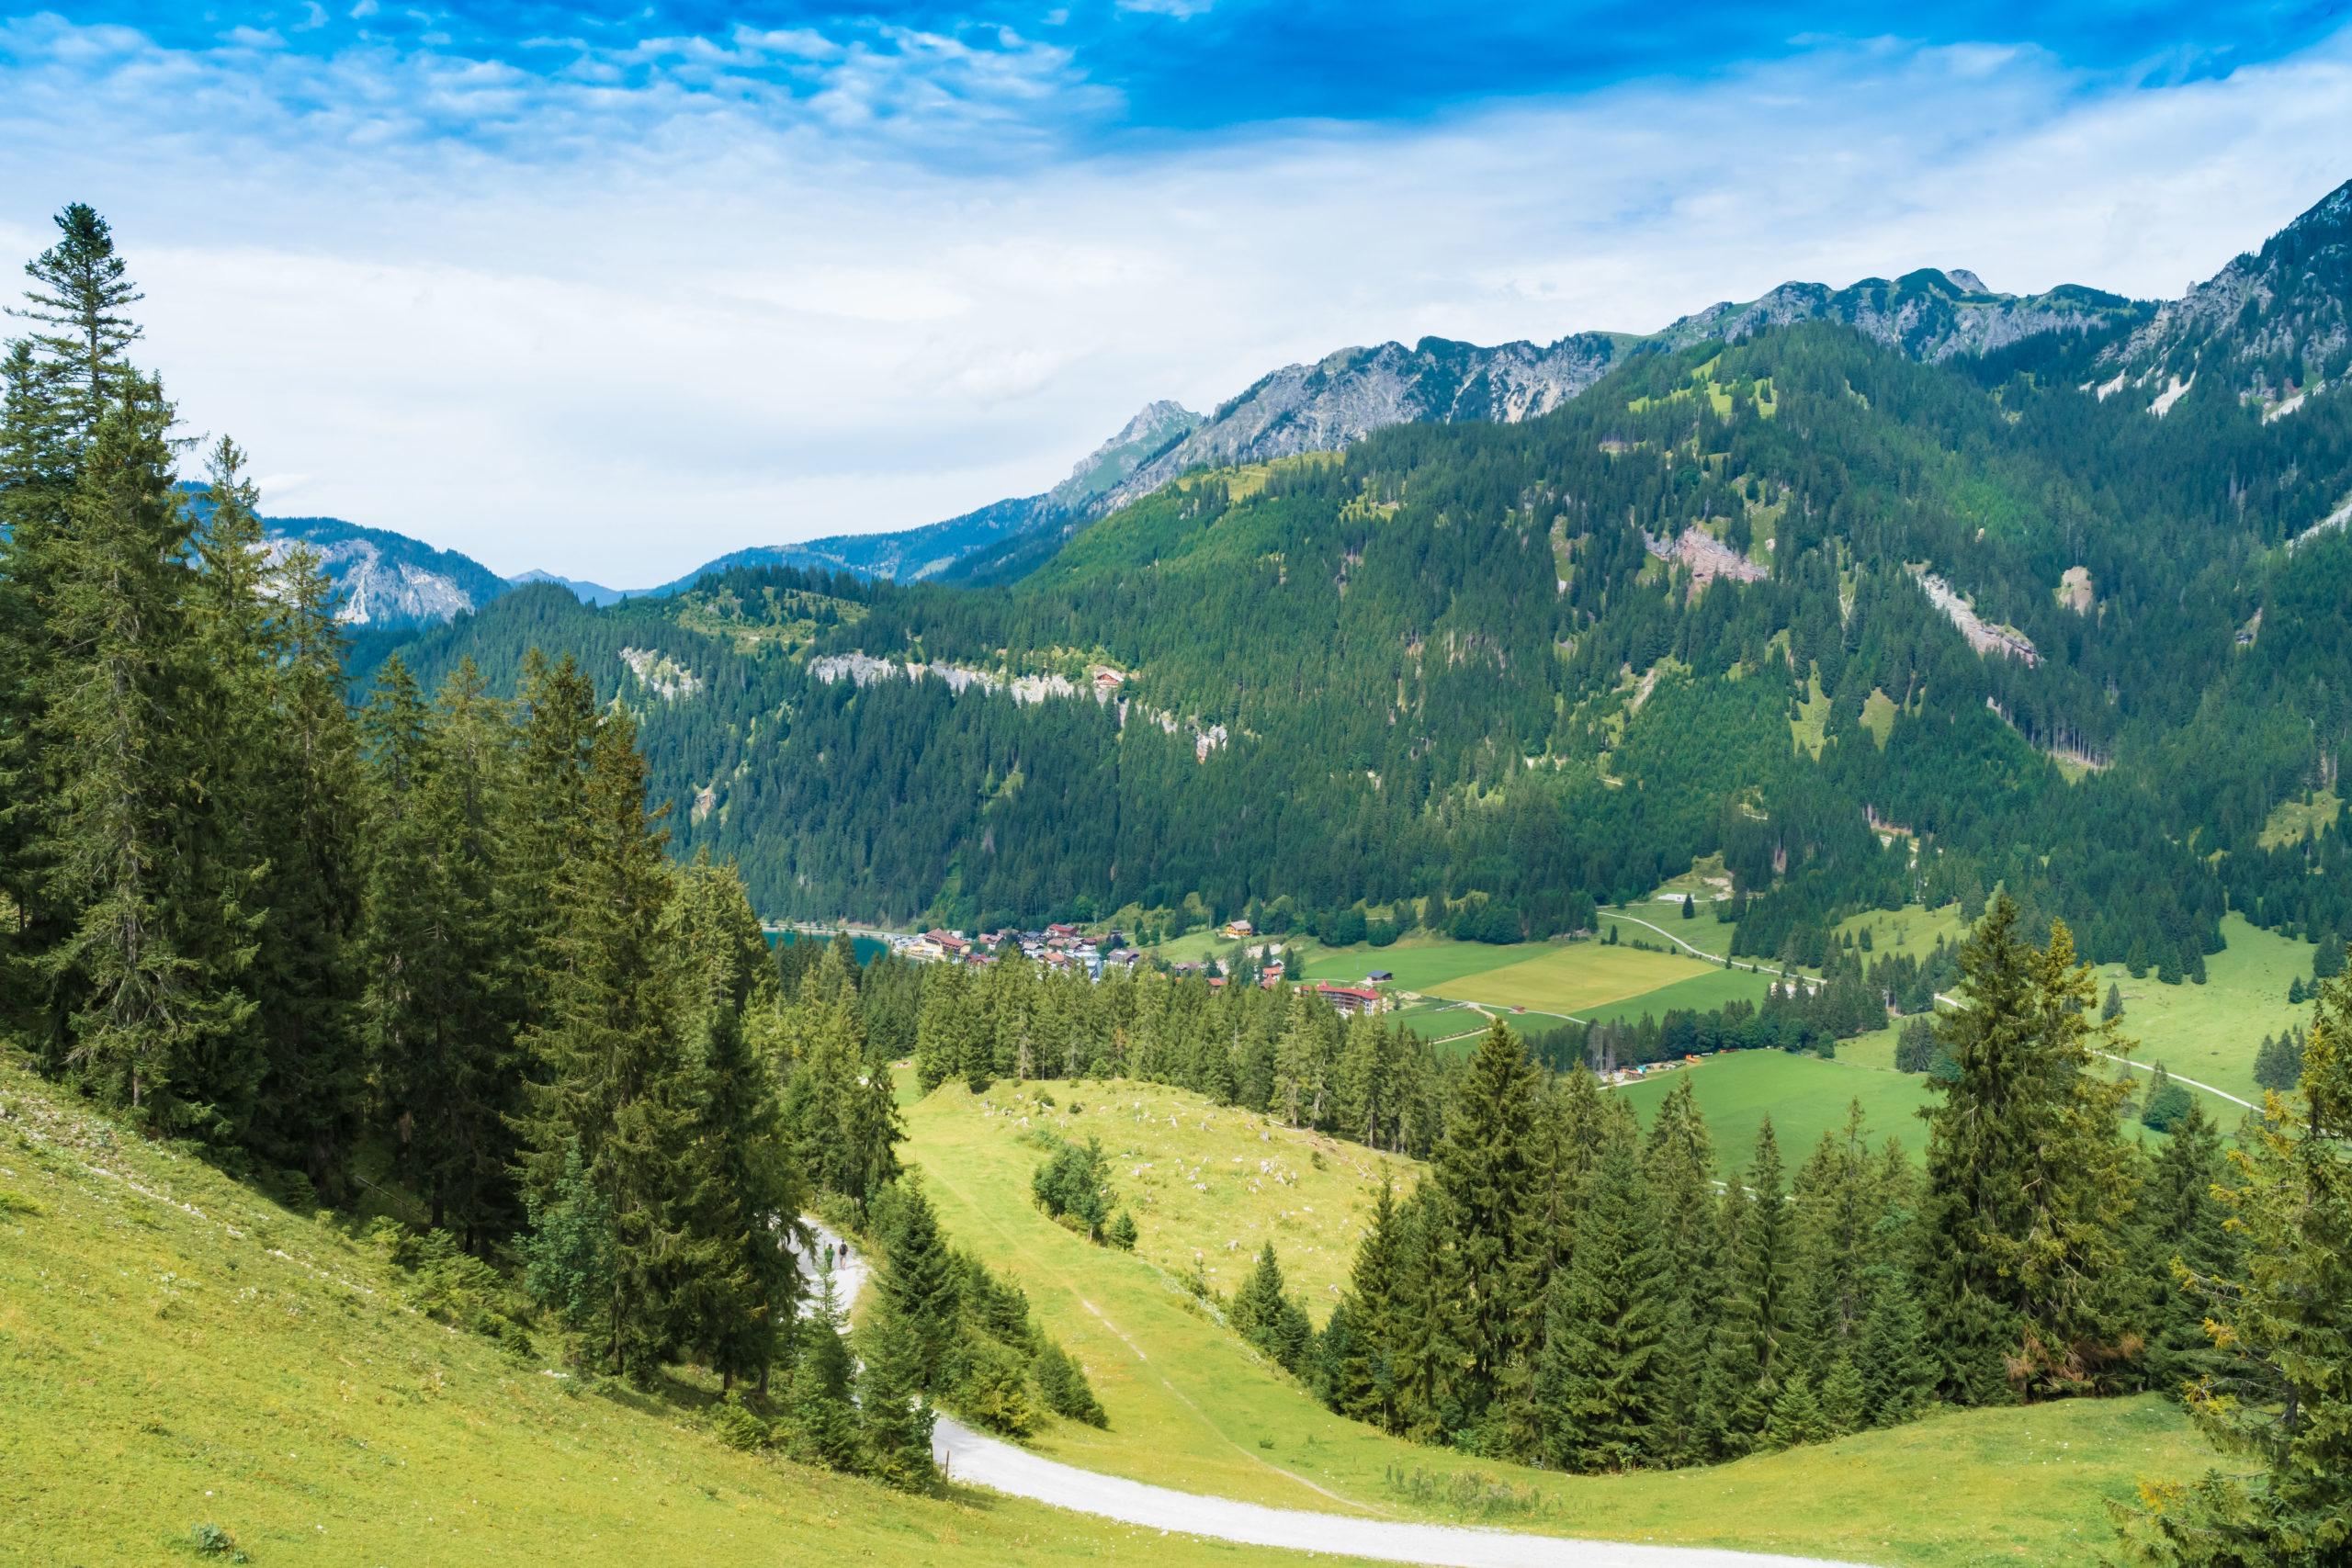 Tirol, Tannheimer Tal, Haller